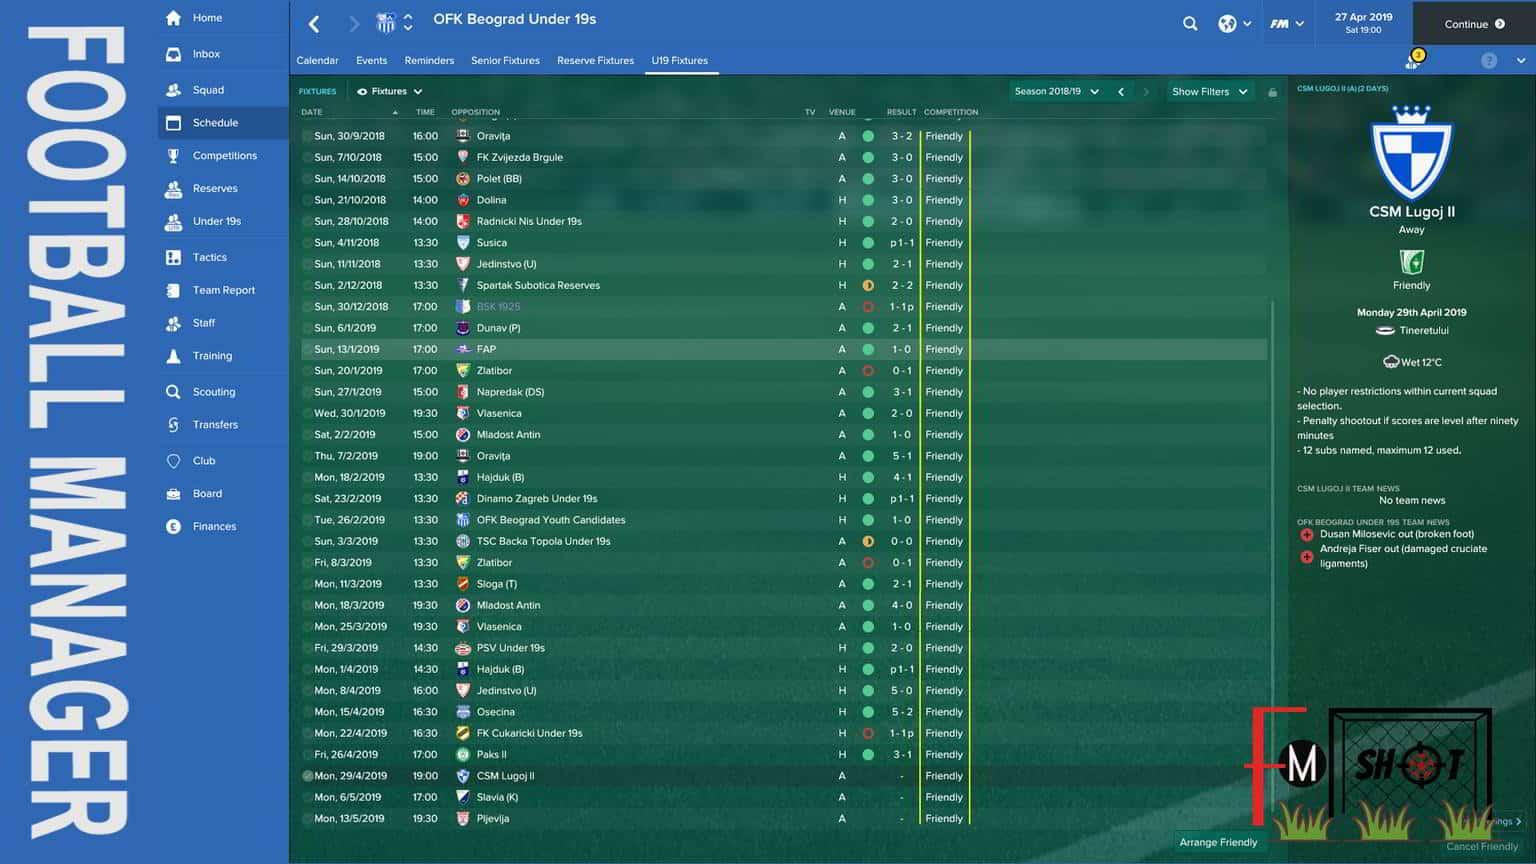 Under 19s - Fixtures